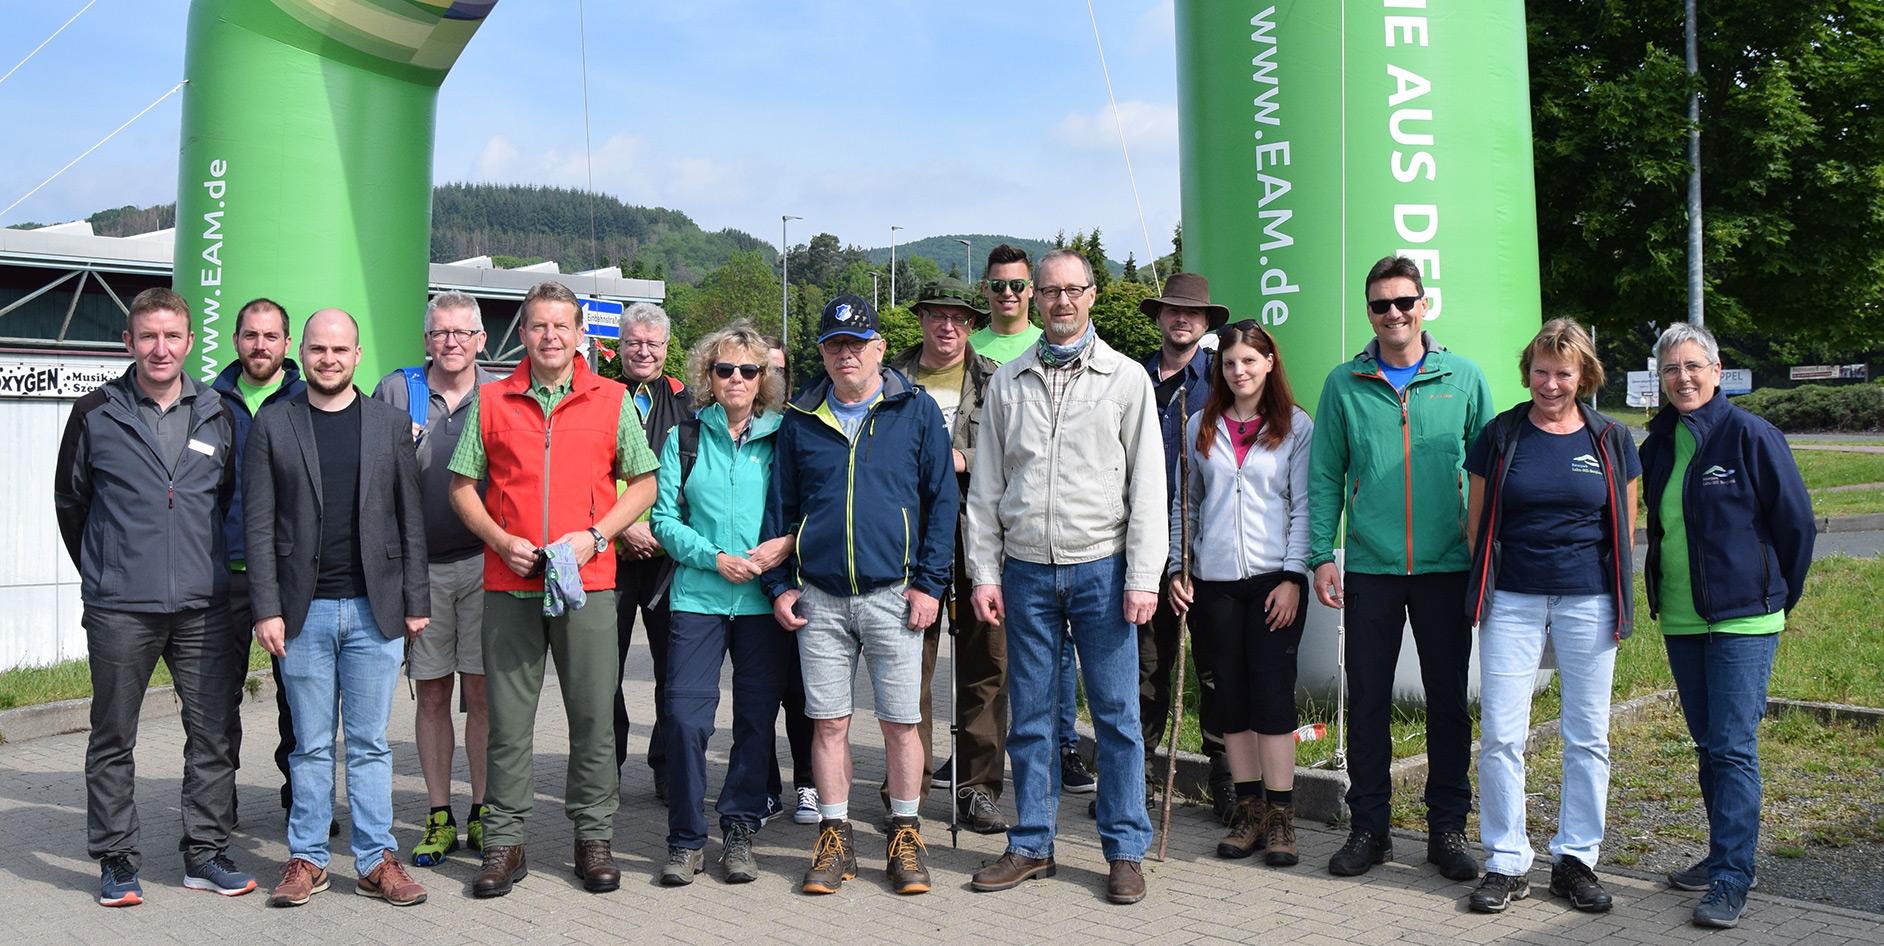 Die EAM unterstützt den EAM-Lahn-Dill-Bergland-Naturpark-Wandertag als Premiumsponsor.